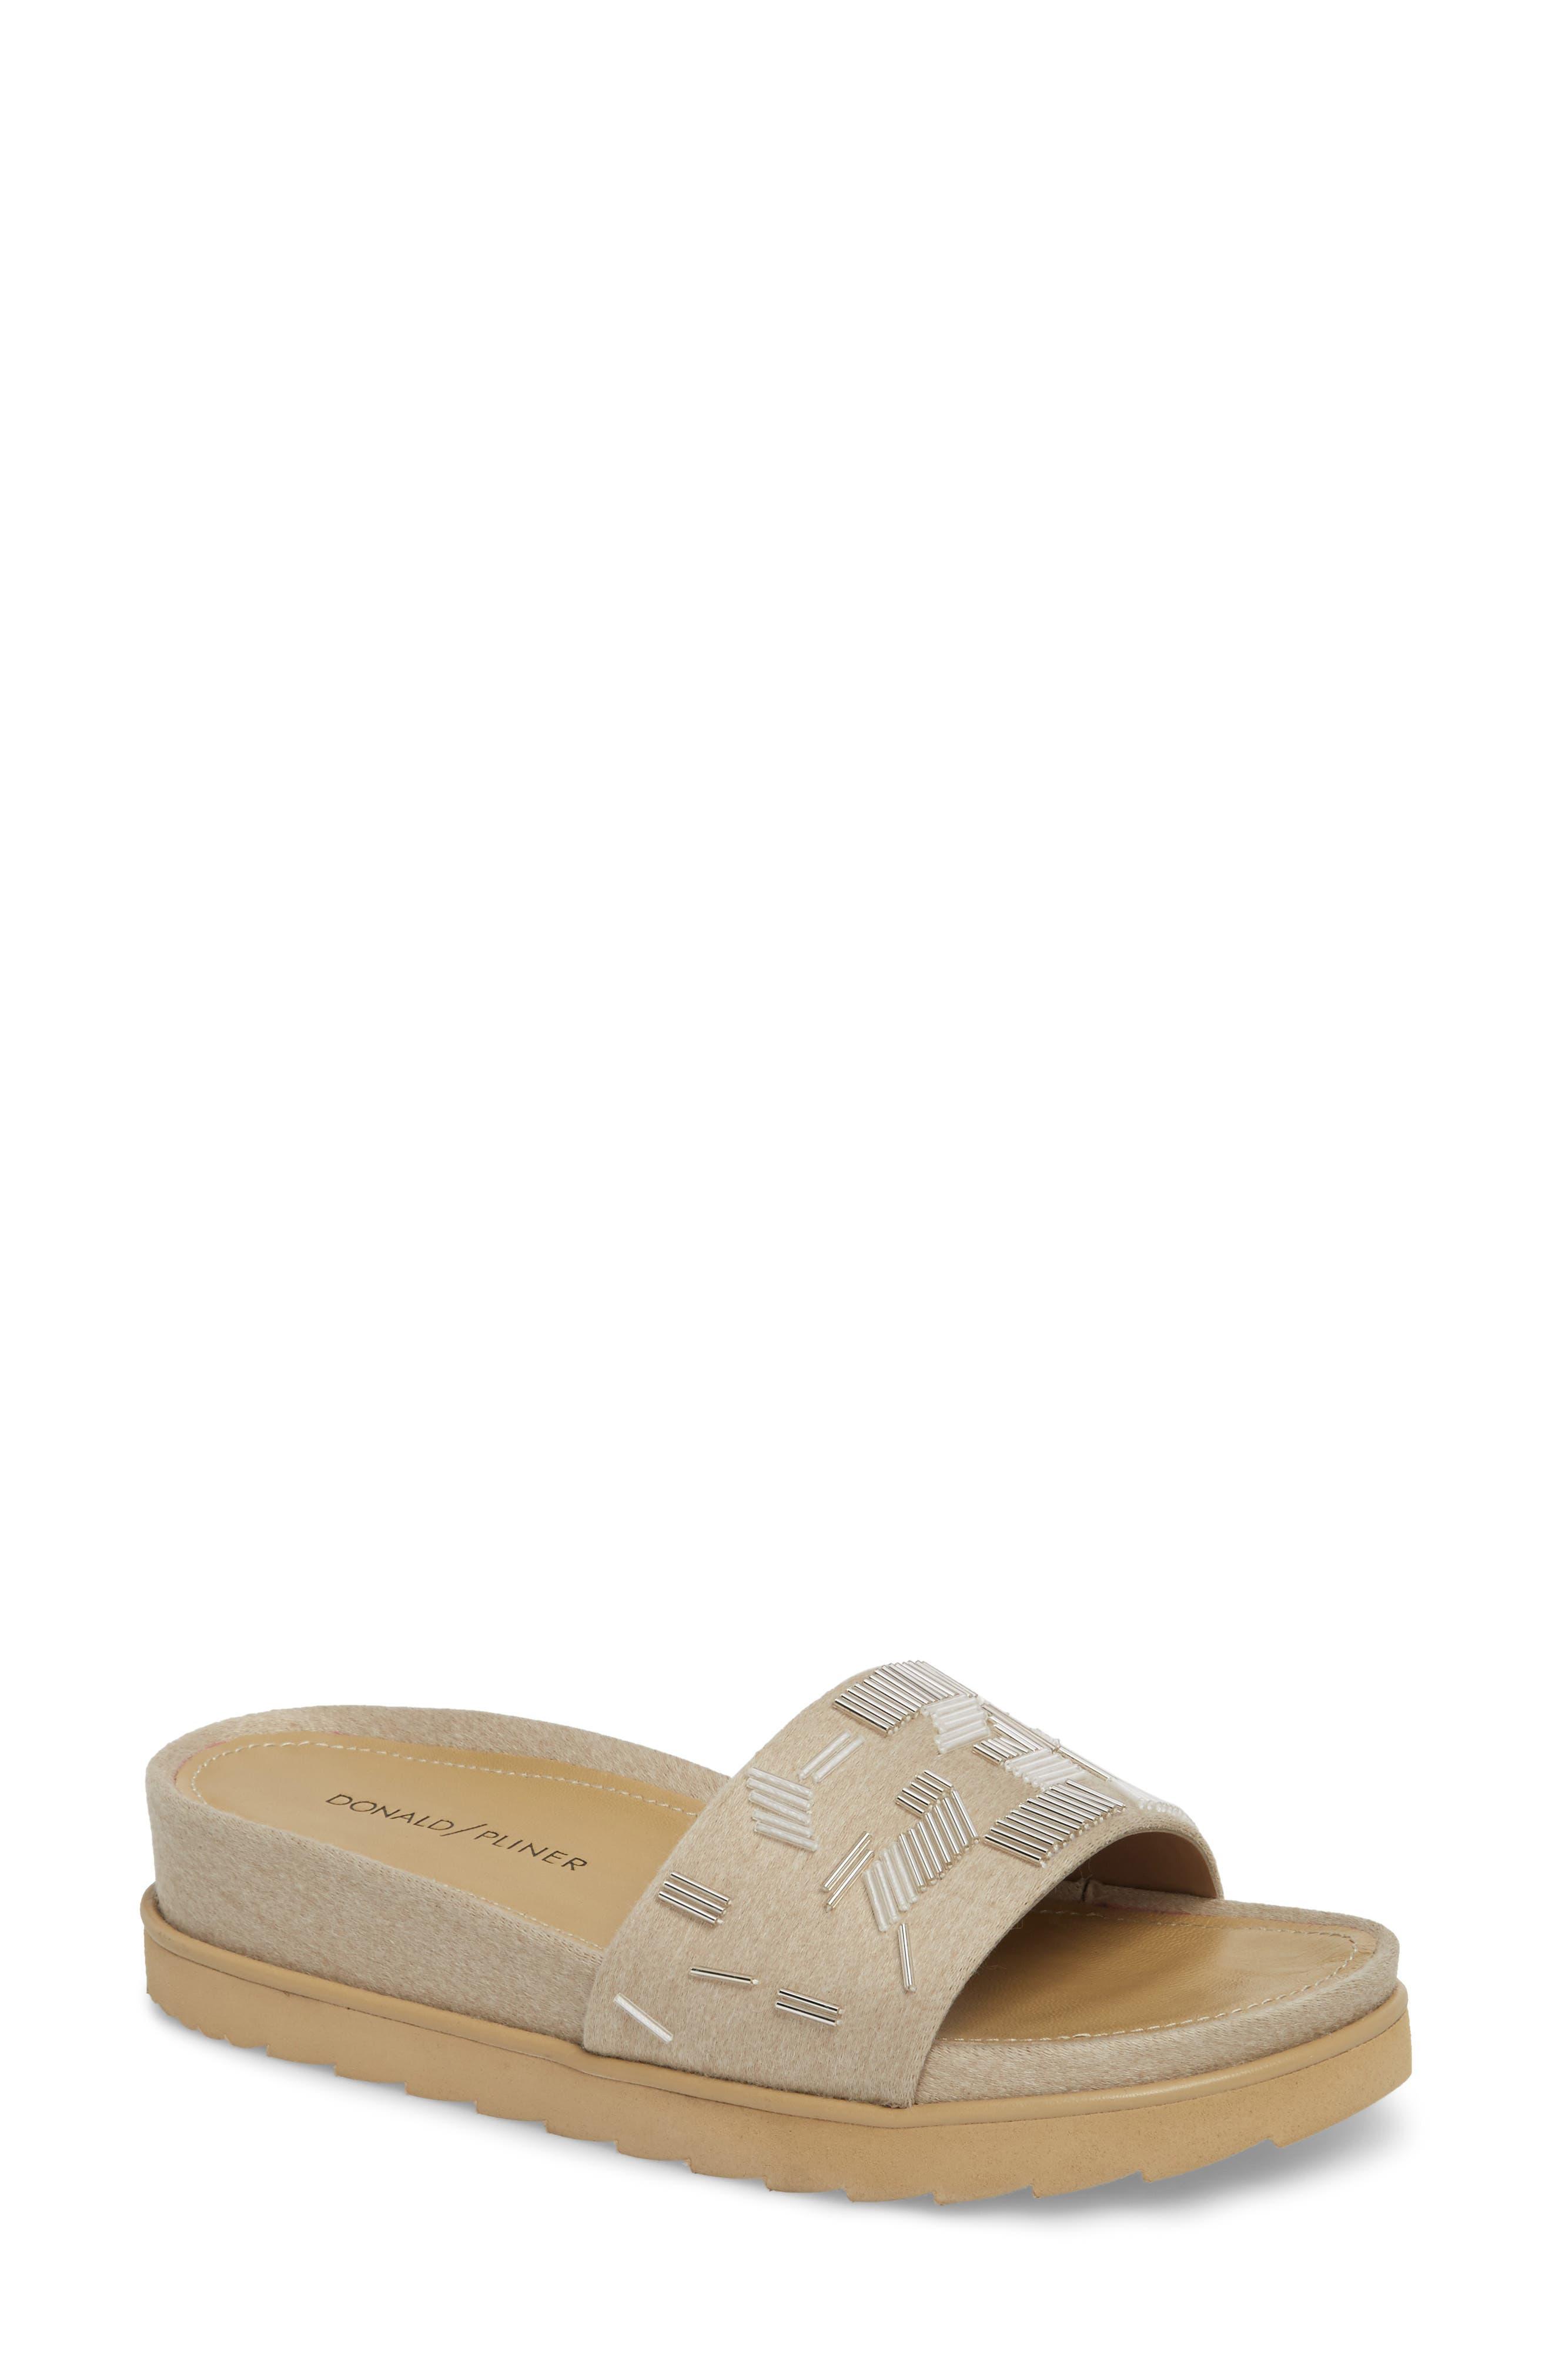 Donald Pliner Cava Slide Sandal (Women)